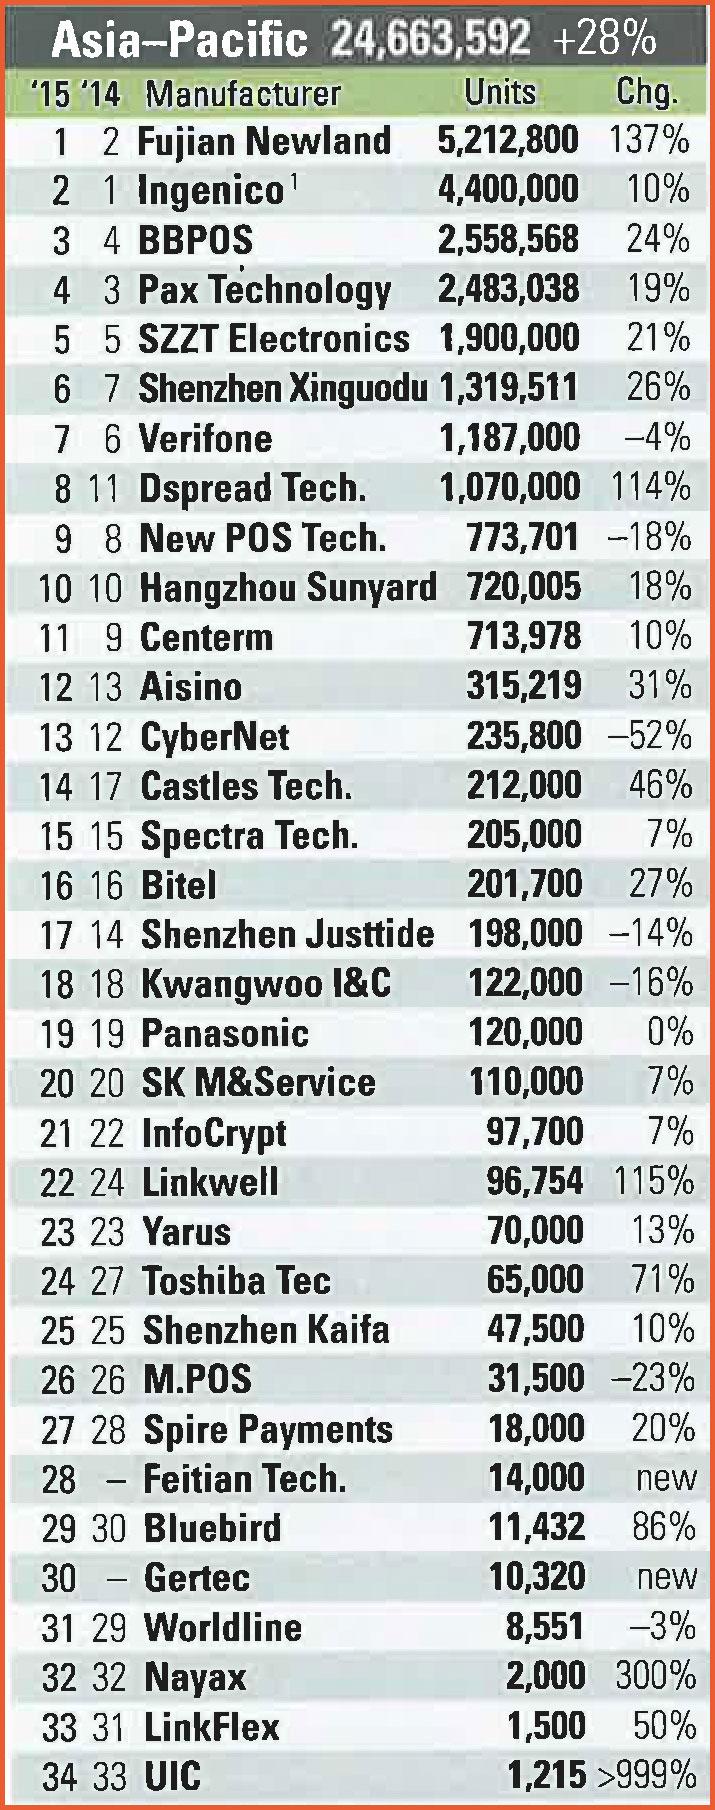 پرفروشترین برندهای دستگاه کارتخوان در آسیا و اقیانوسیه